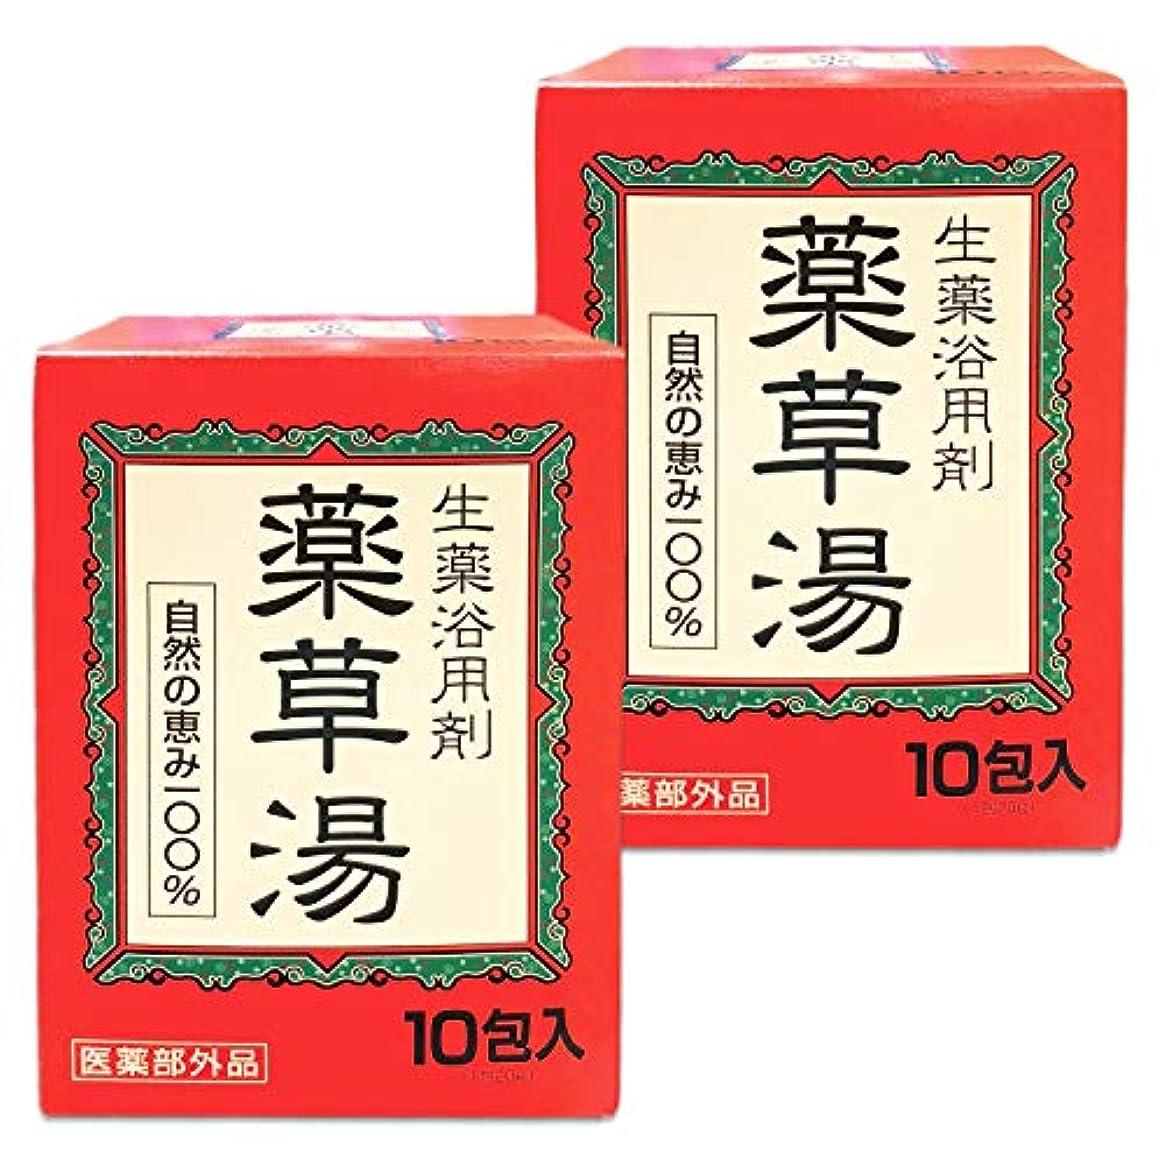 発生する保守可能ギャングスター【まとめ買い】 薬草湯 生薬浴用剤 10包入×2個 自然のめぐみ100% 医薬部外品